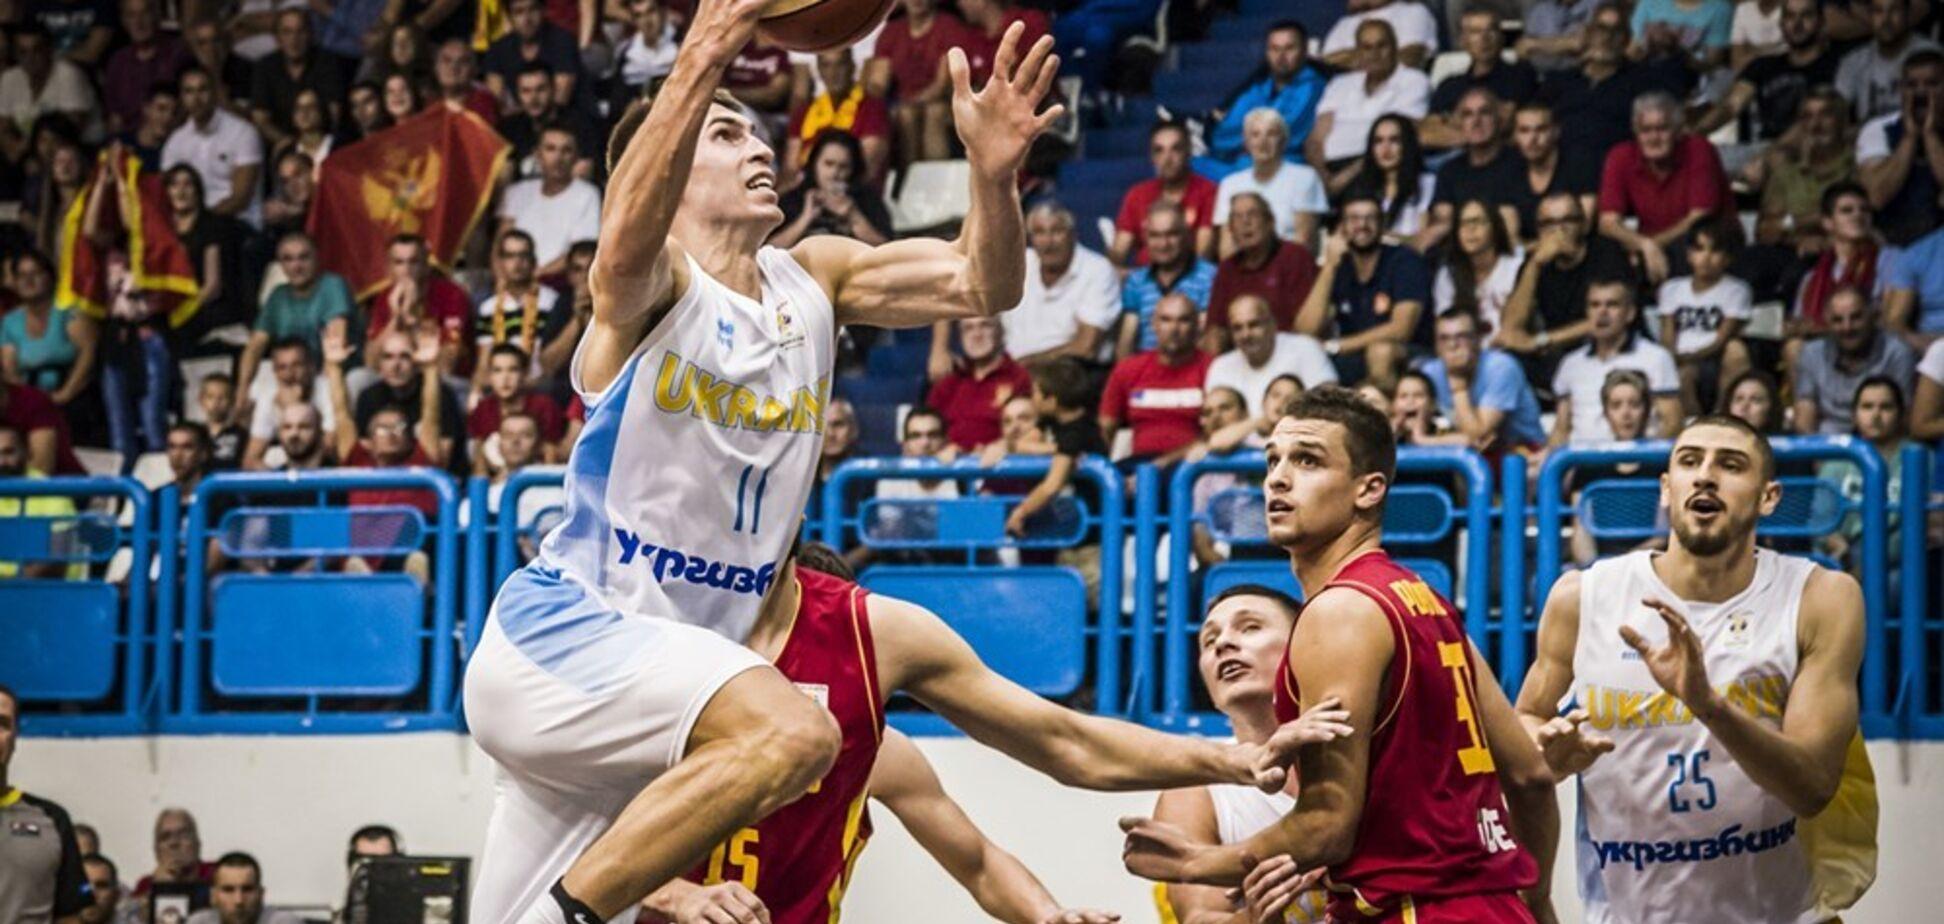 Украина усложнила задачу выхода на КМ-2019 по баскетболу: положение в группе I